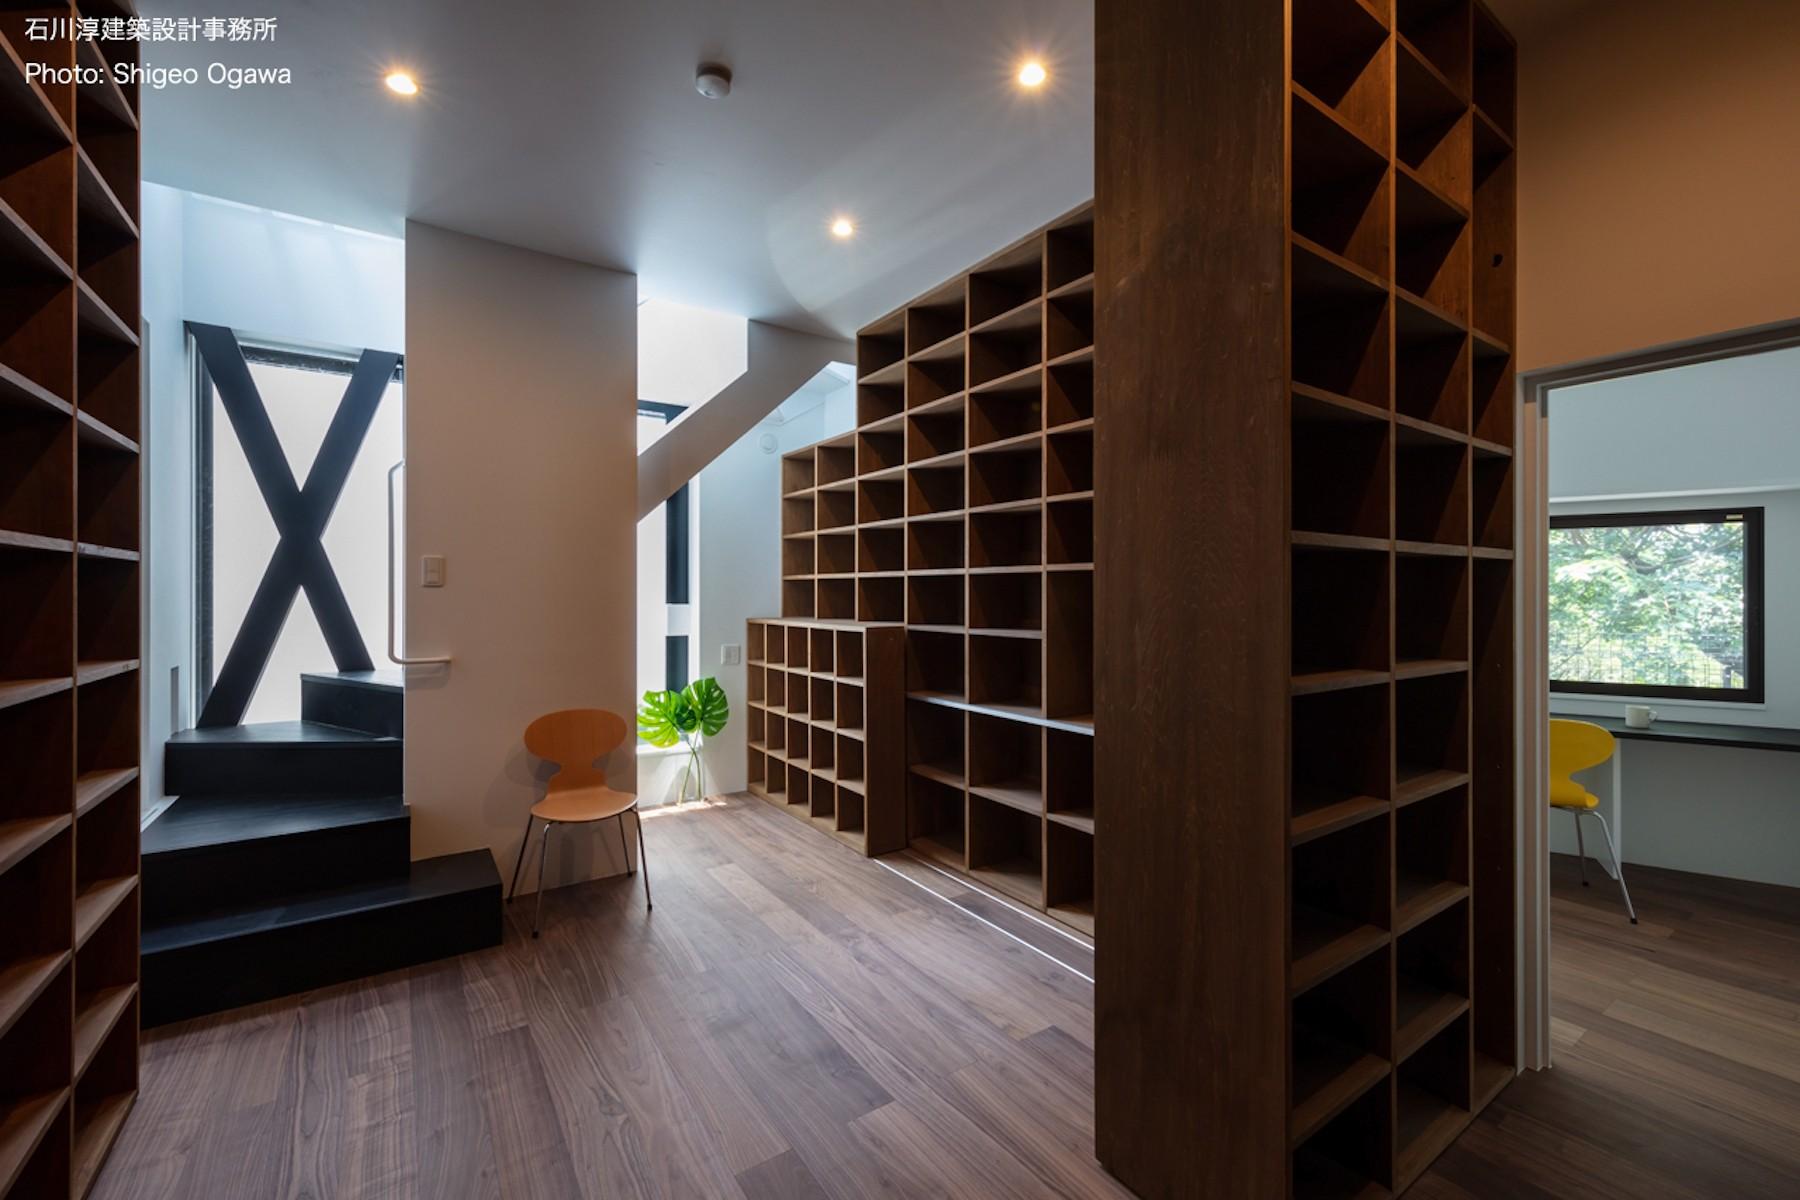 書斎事例:図書室と右に執筆作業のための書斎(公園前の家 OUCHI-44)